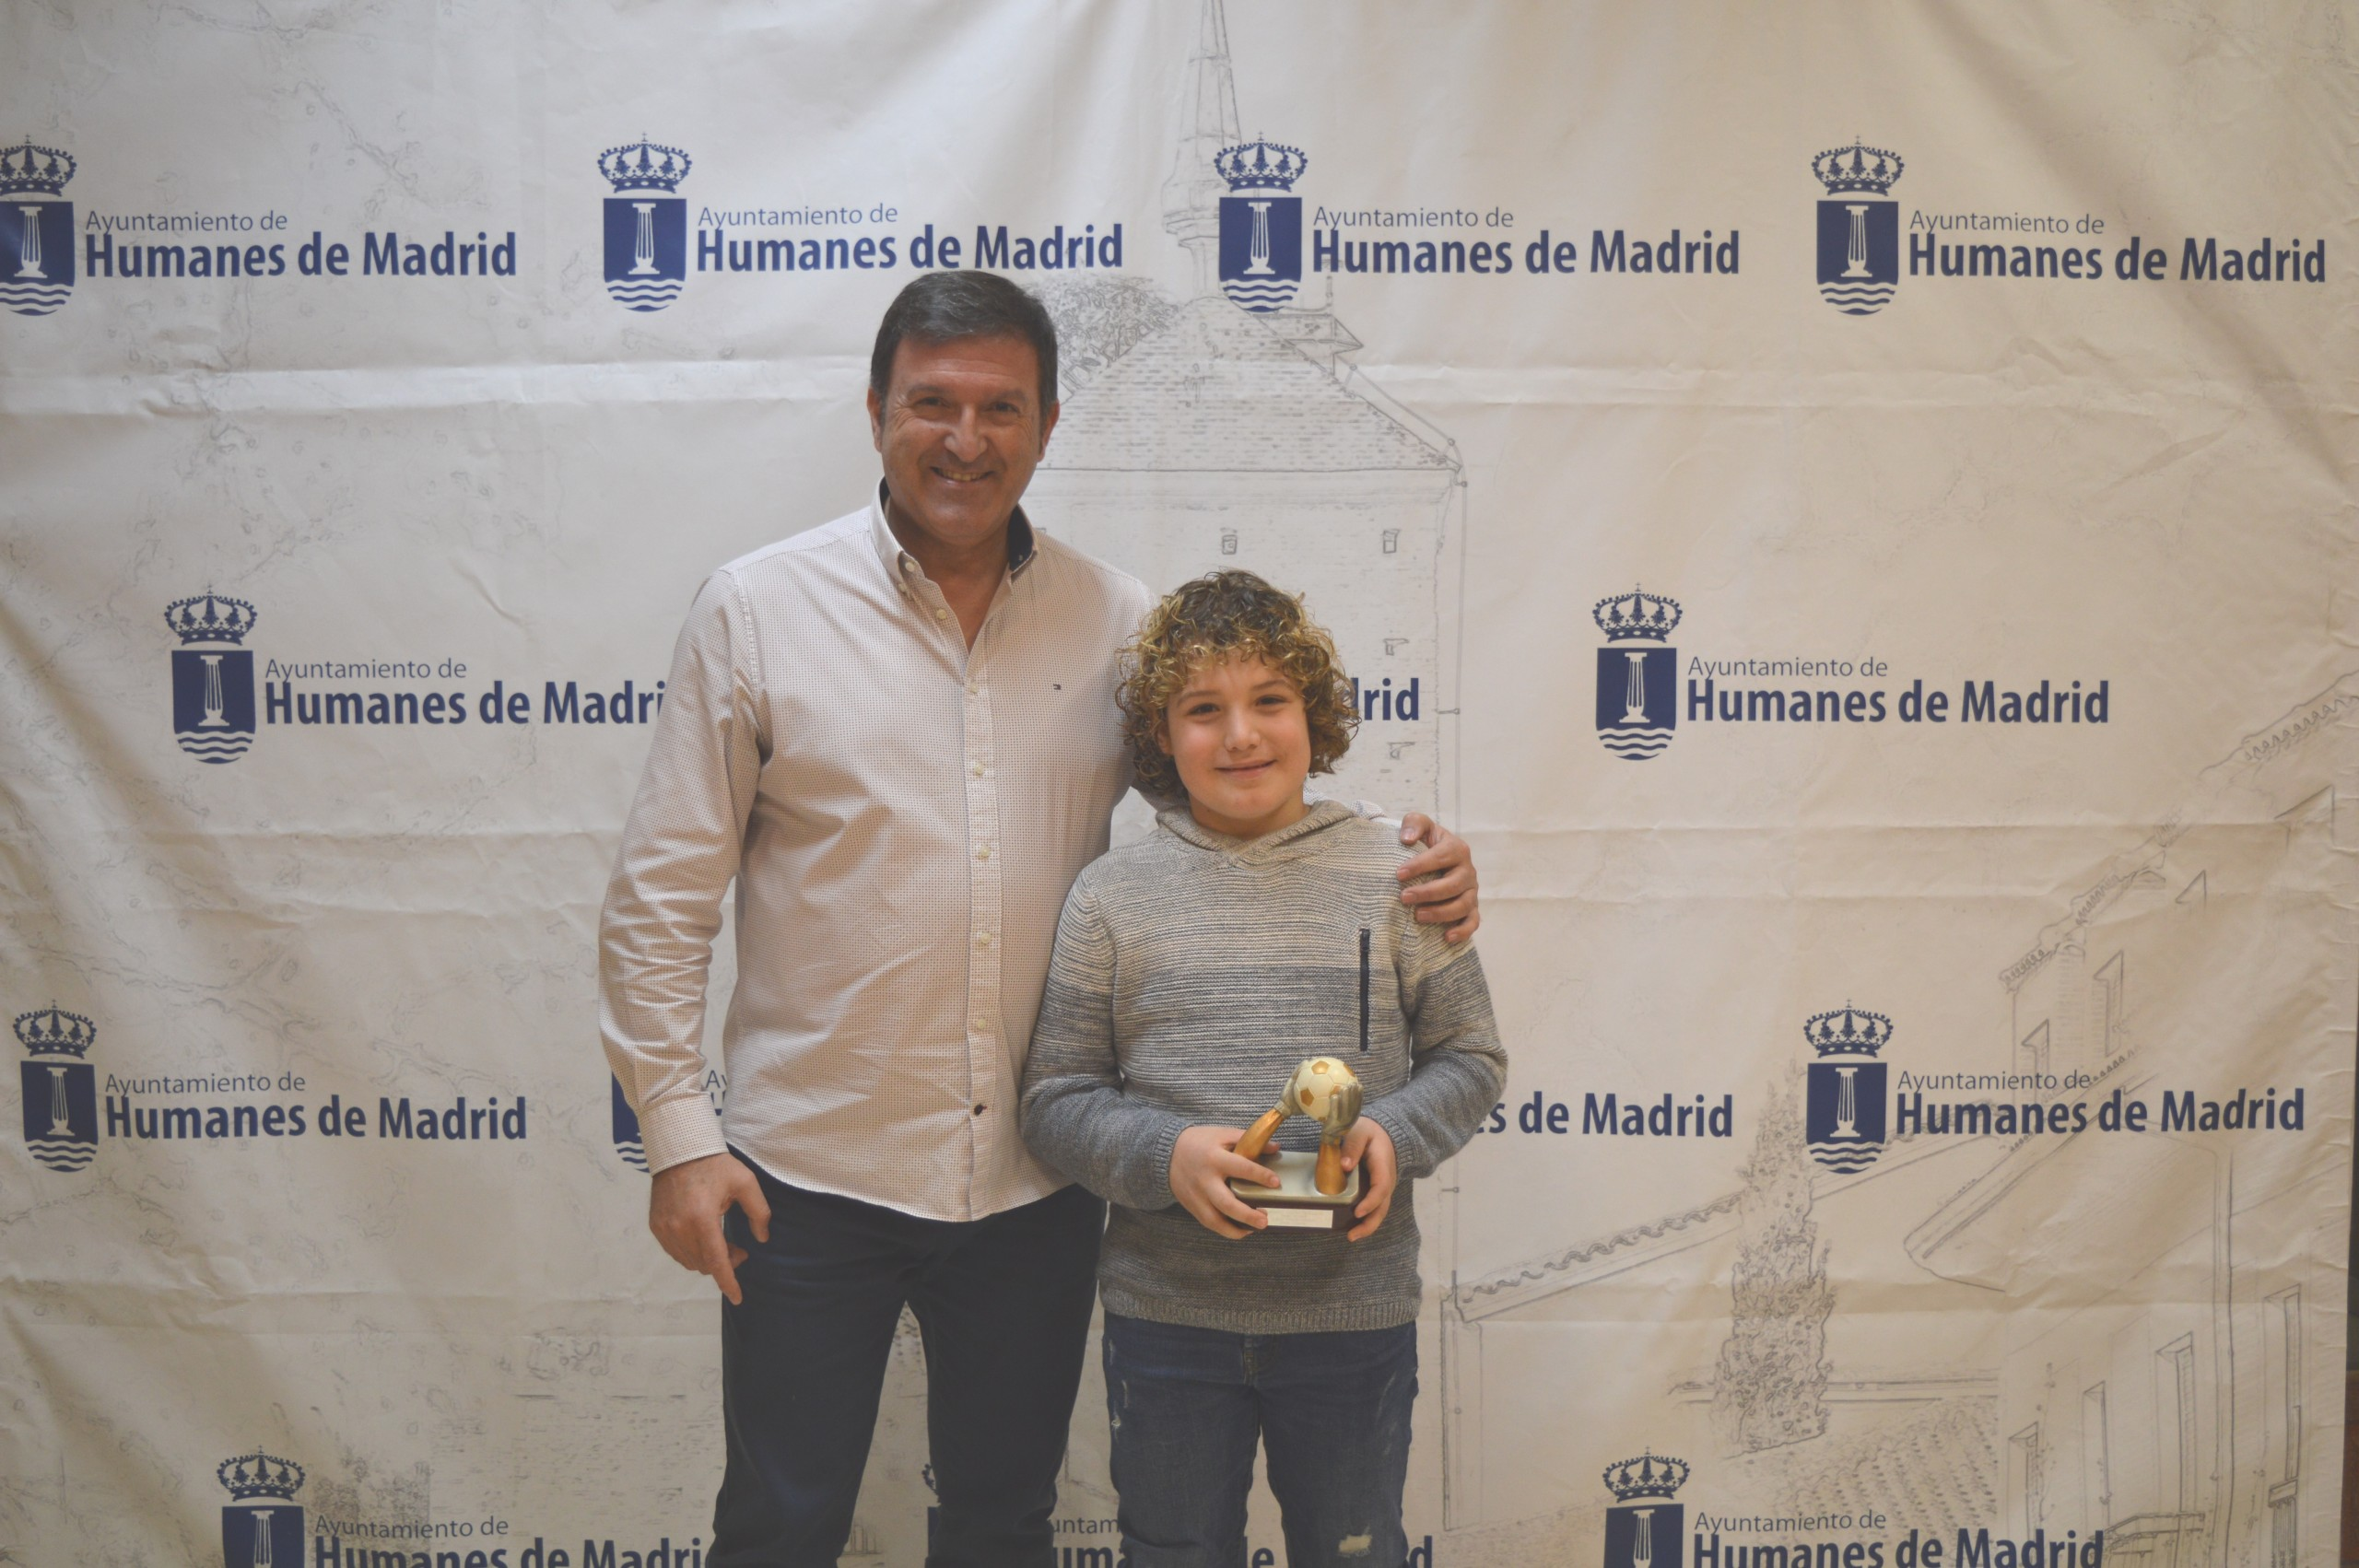 El alcalde recibe al portero del benjamín A C.D.E – E.F.S Izán Luque convocado por la selección madrileña de Fútbol Sala.